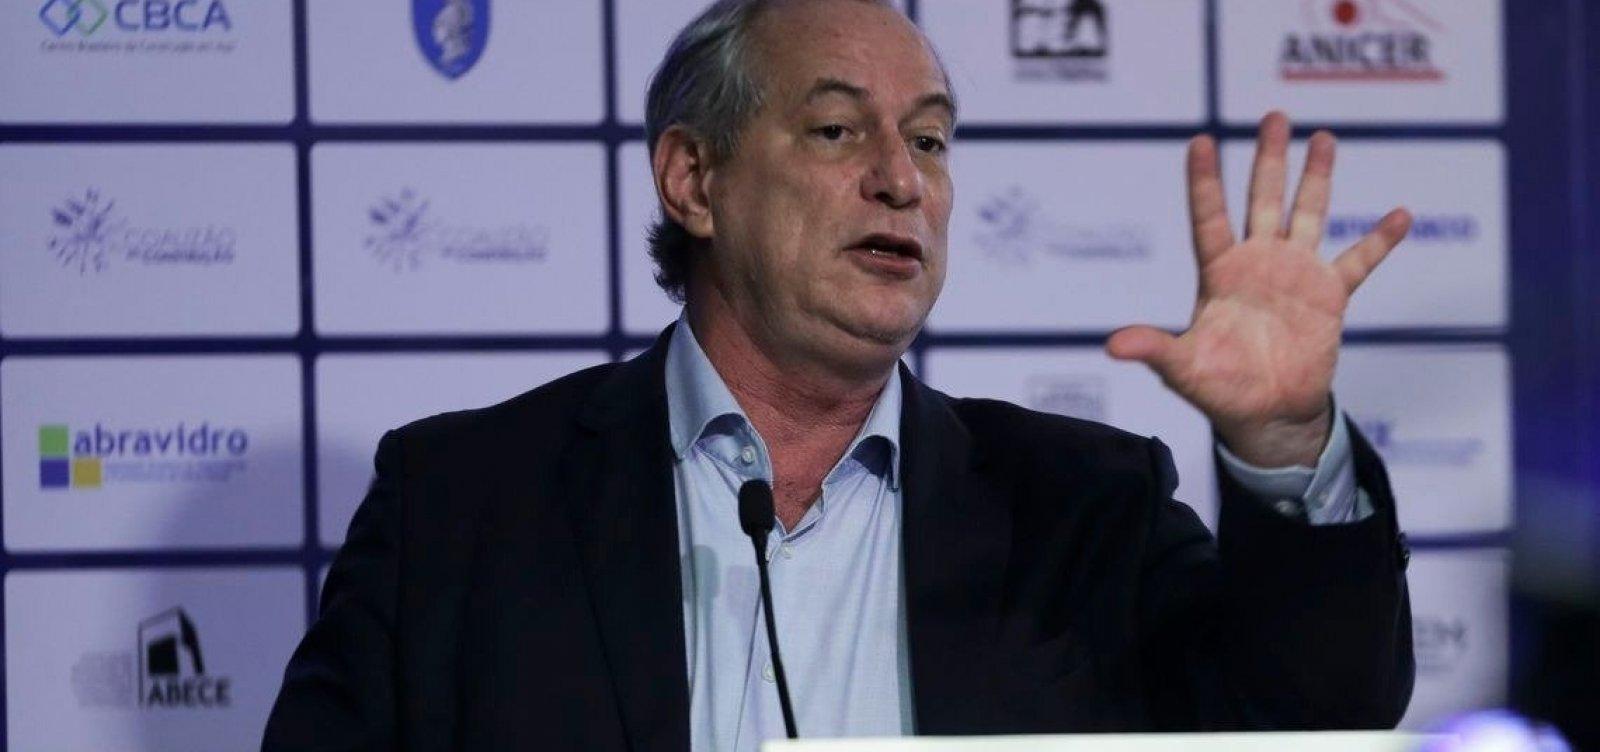 Sem citar Haddad, Ciro publica vídeo 'em defesa da democracia'